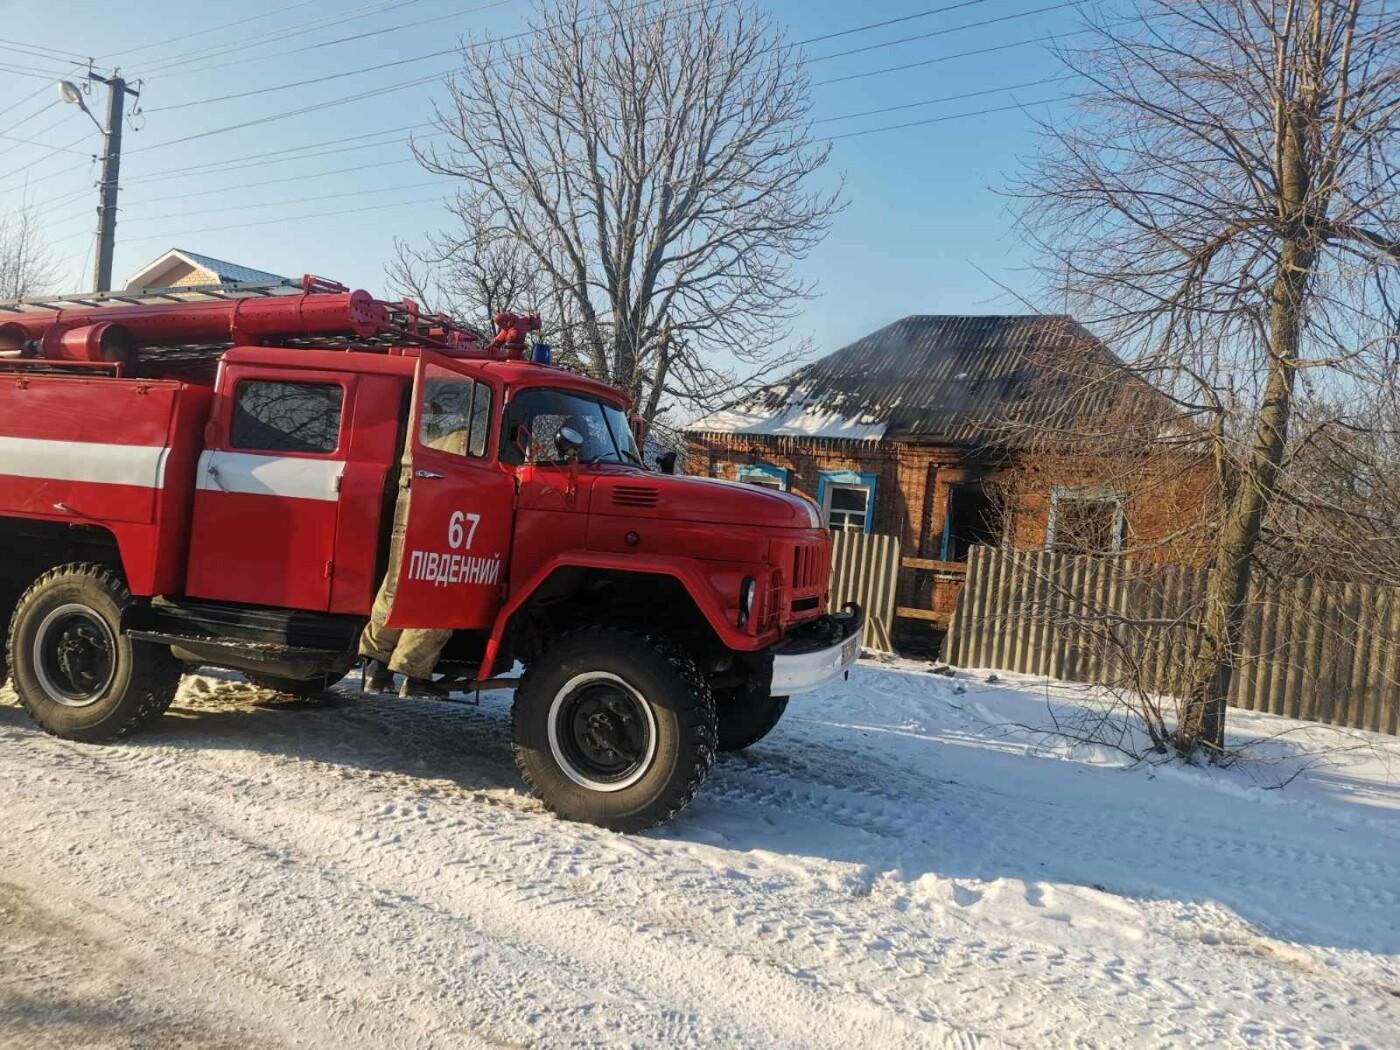 Под Харьковом спасатели несколько часов тушили пожар в частном доме: есть погибший, - ФОТО, фото-1